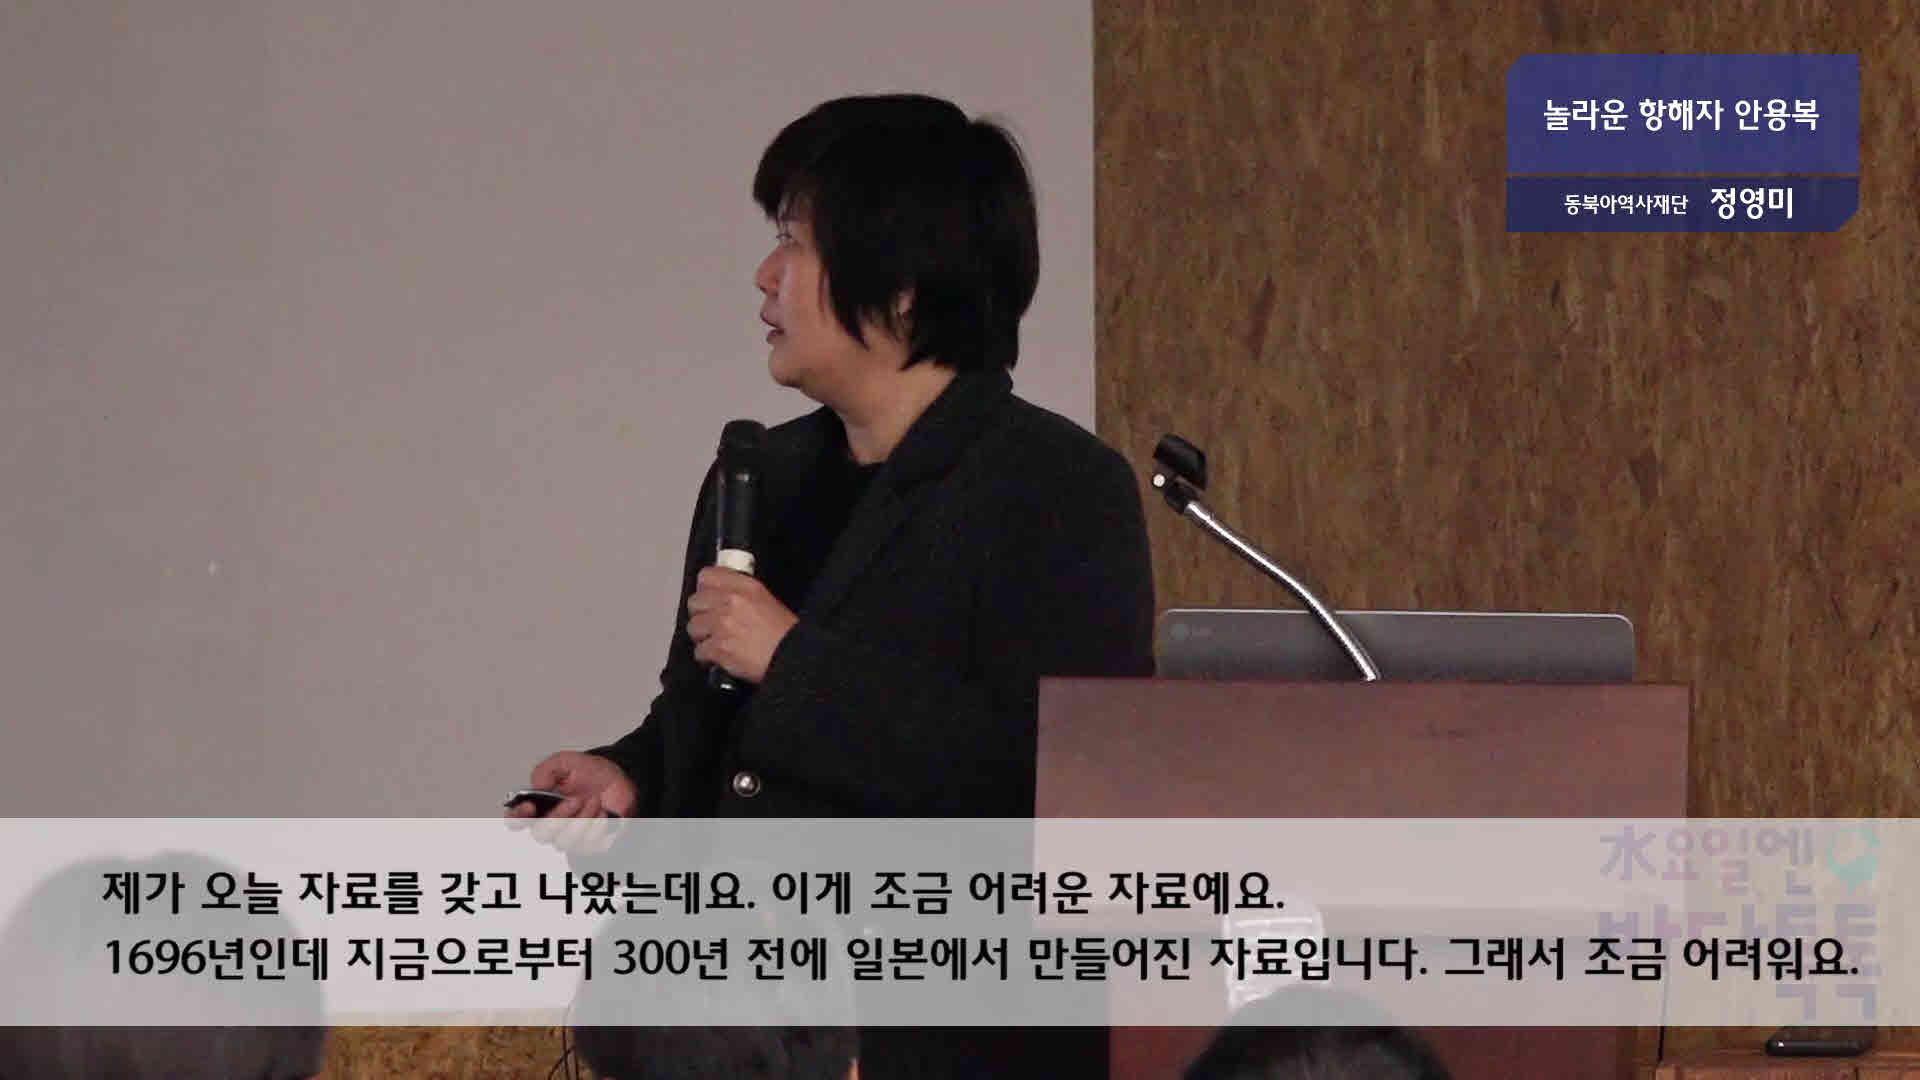 서울 13회 본강연